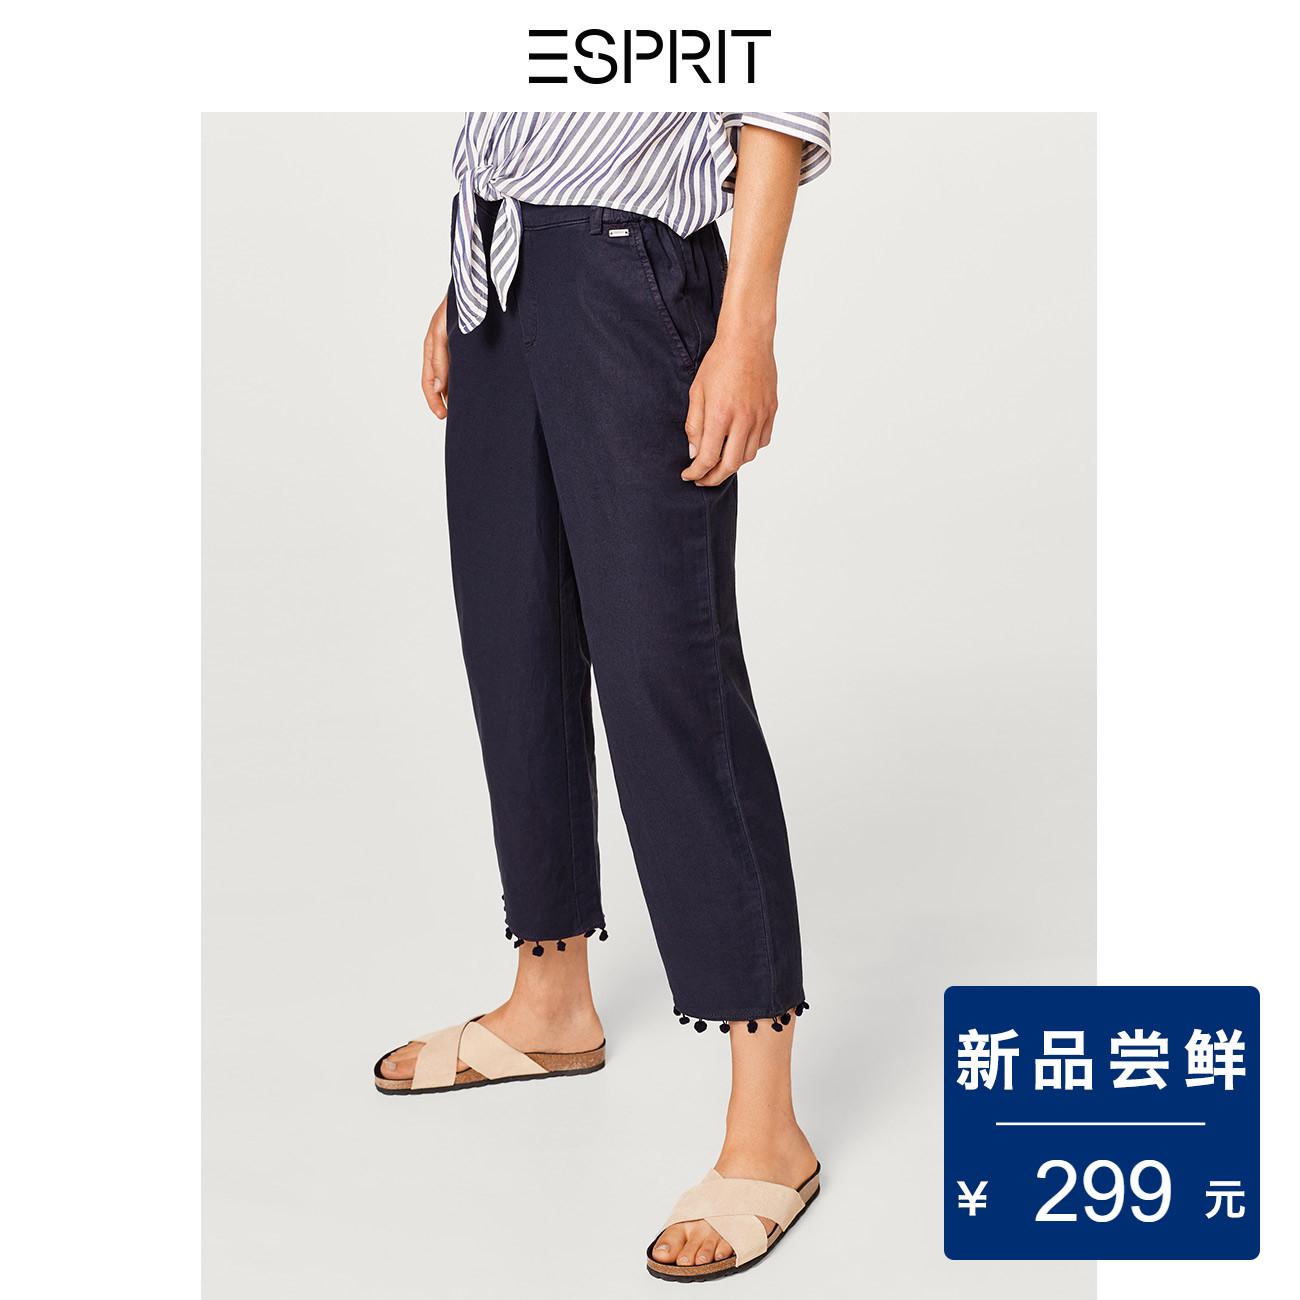 ESPRIT 女装2018秋新款棉麻透气宽松休闲九分裤-068EE1B019